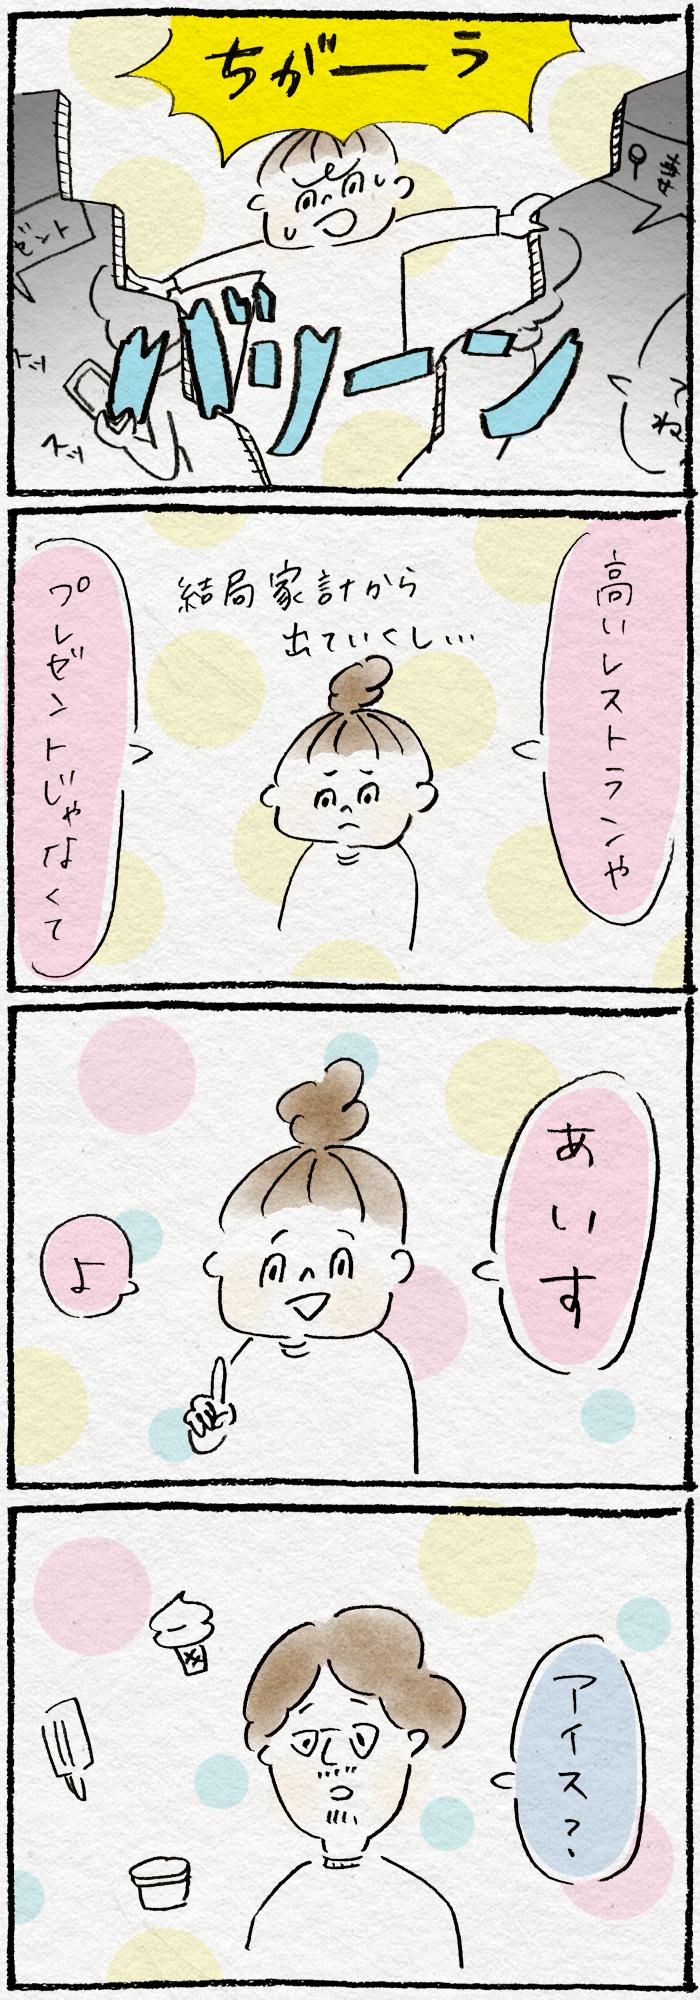 たまには褒めて~!たった500円で夫婦円満になれる「週末の提案」とは?の画像4